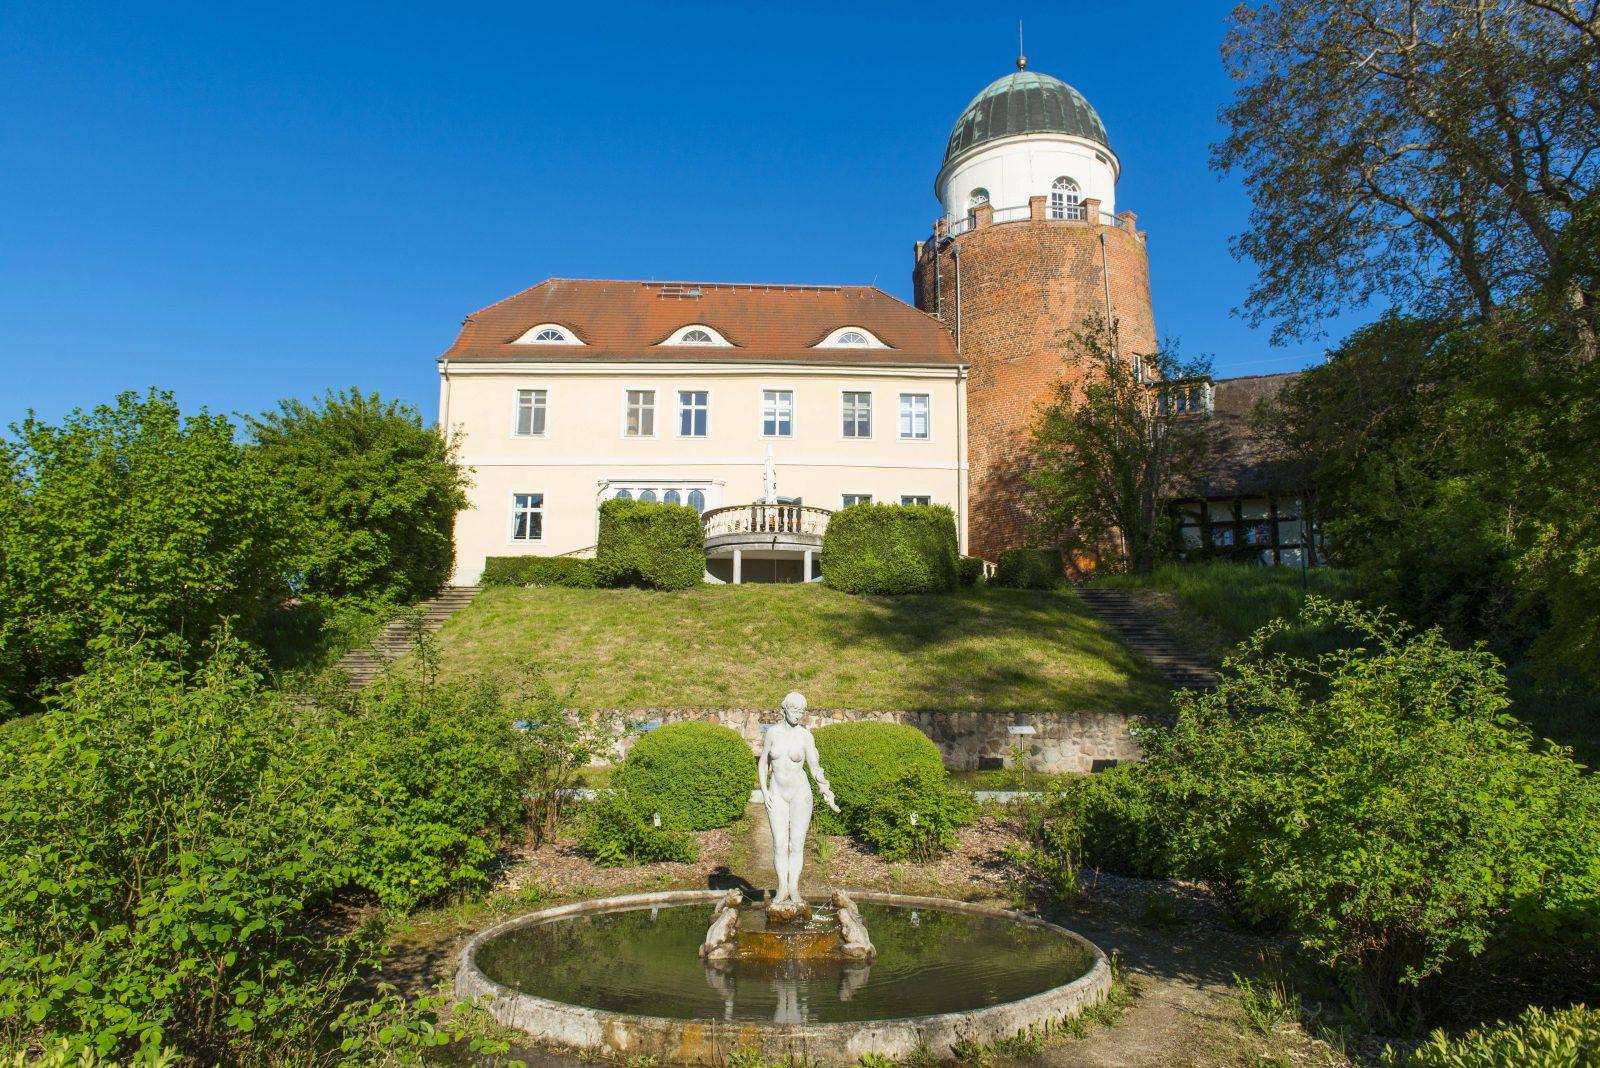 In der Burg Lenzen befindet sich das Besucherzentrum des Biosphärenreservat Flusslandschaft Elbe. Foto: Imago/imagebroker